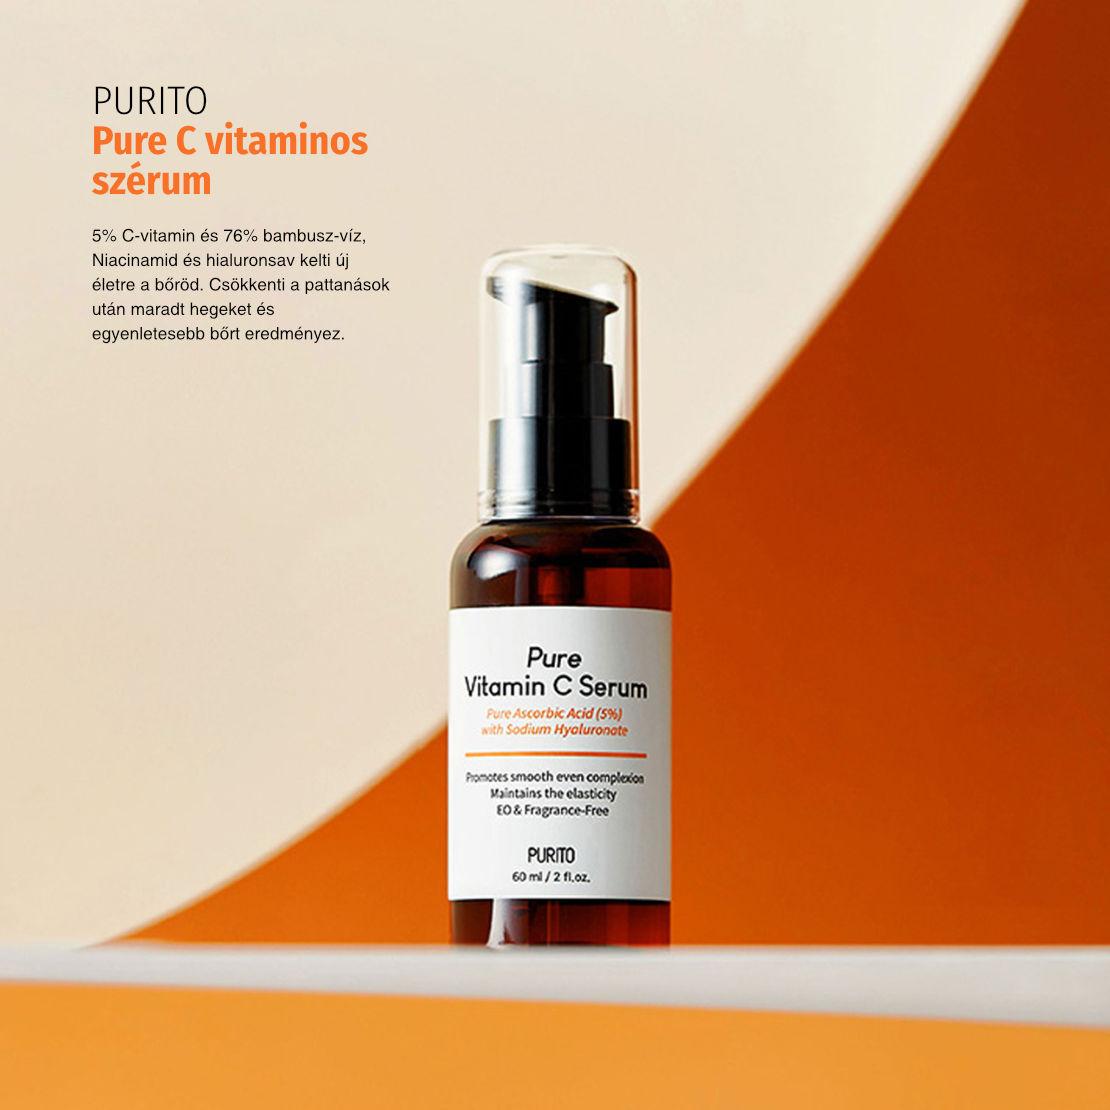 purito-c-vitaminos-szerum-leiras